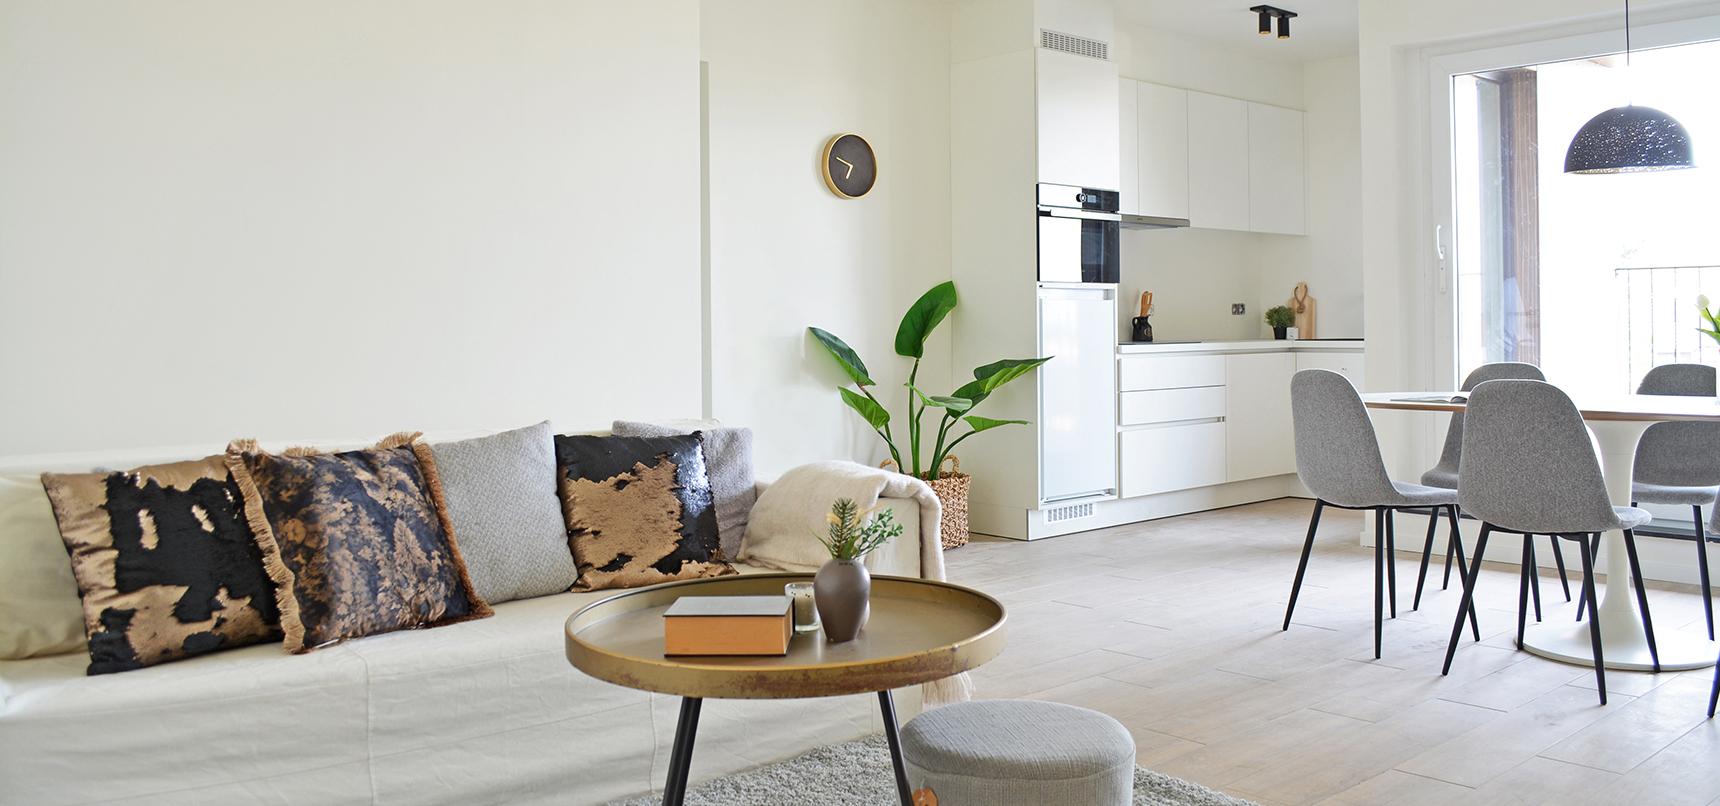 Toekomstbeeld van de lichte en moderne leefruimte in een appartement van de Smedenpoort.